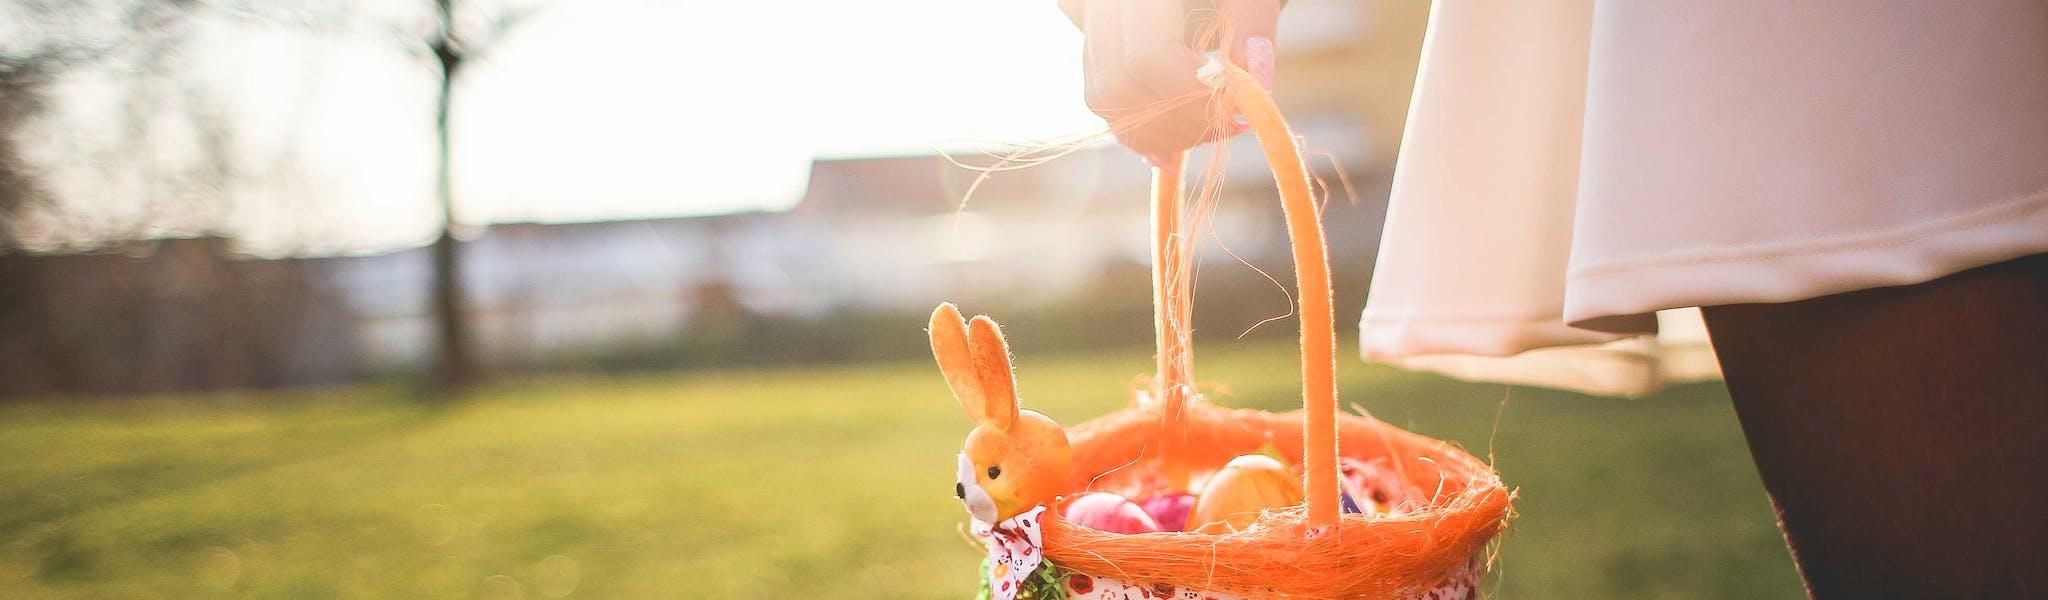 Pasen - eieren zoeken